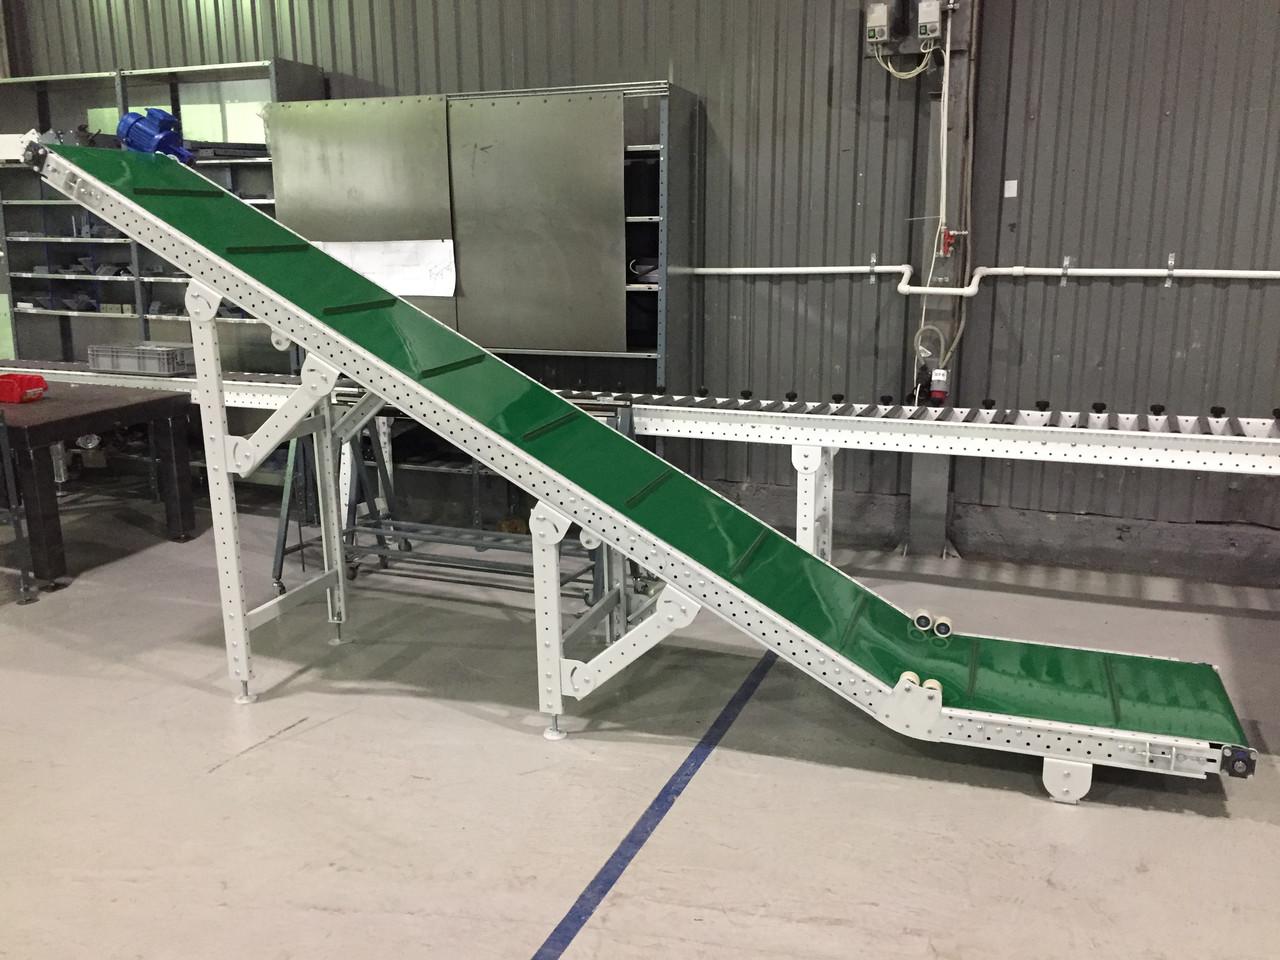 Конвейер ленточный стационарный для штучных грузов